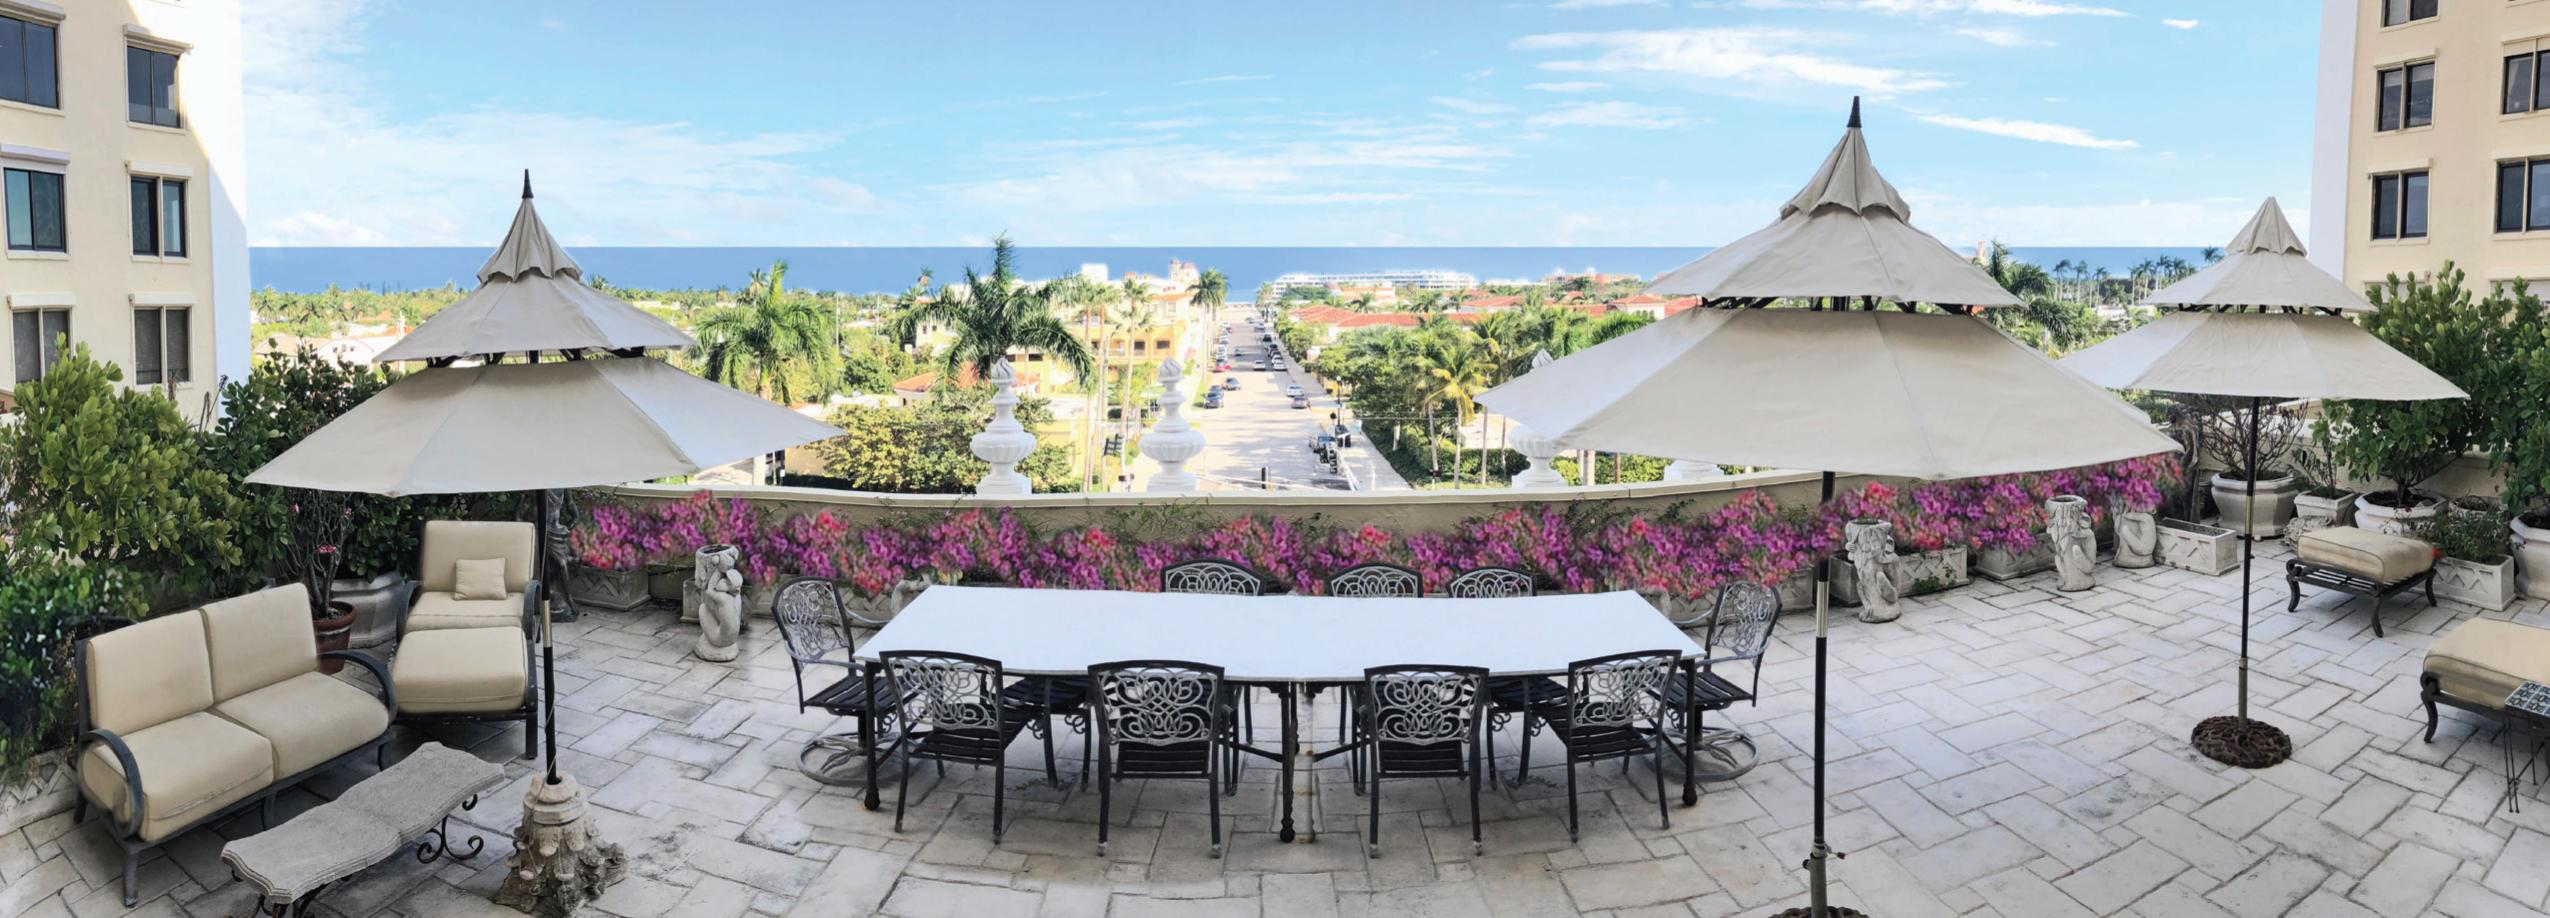 Palm Beach Biltmore